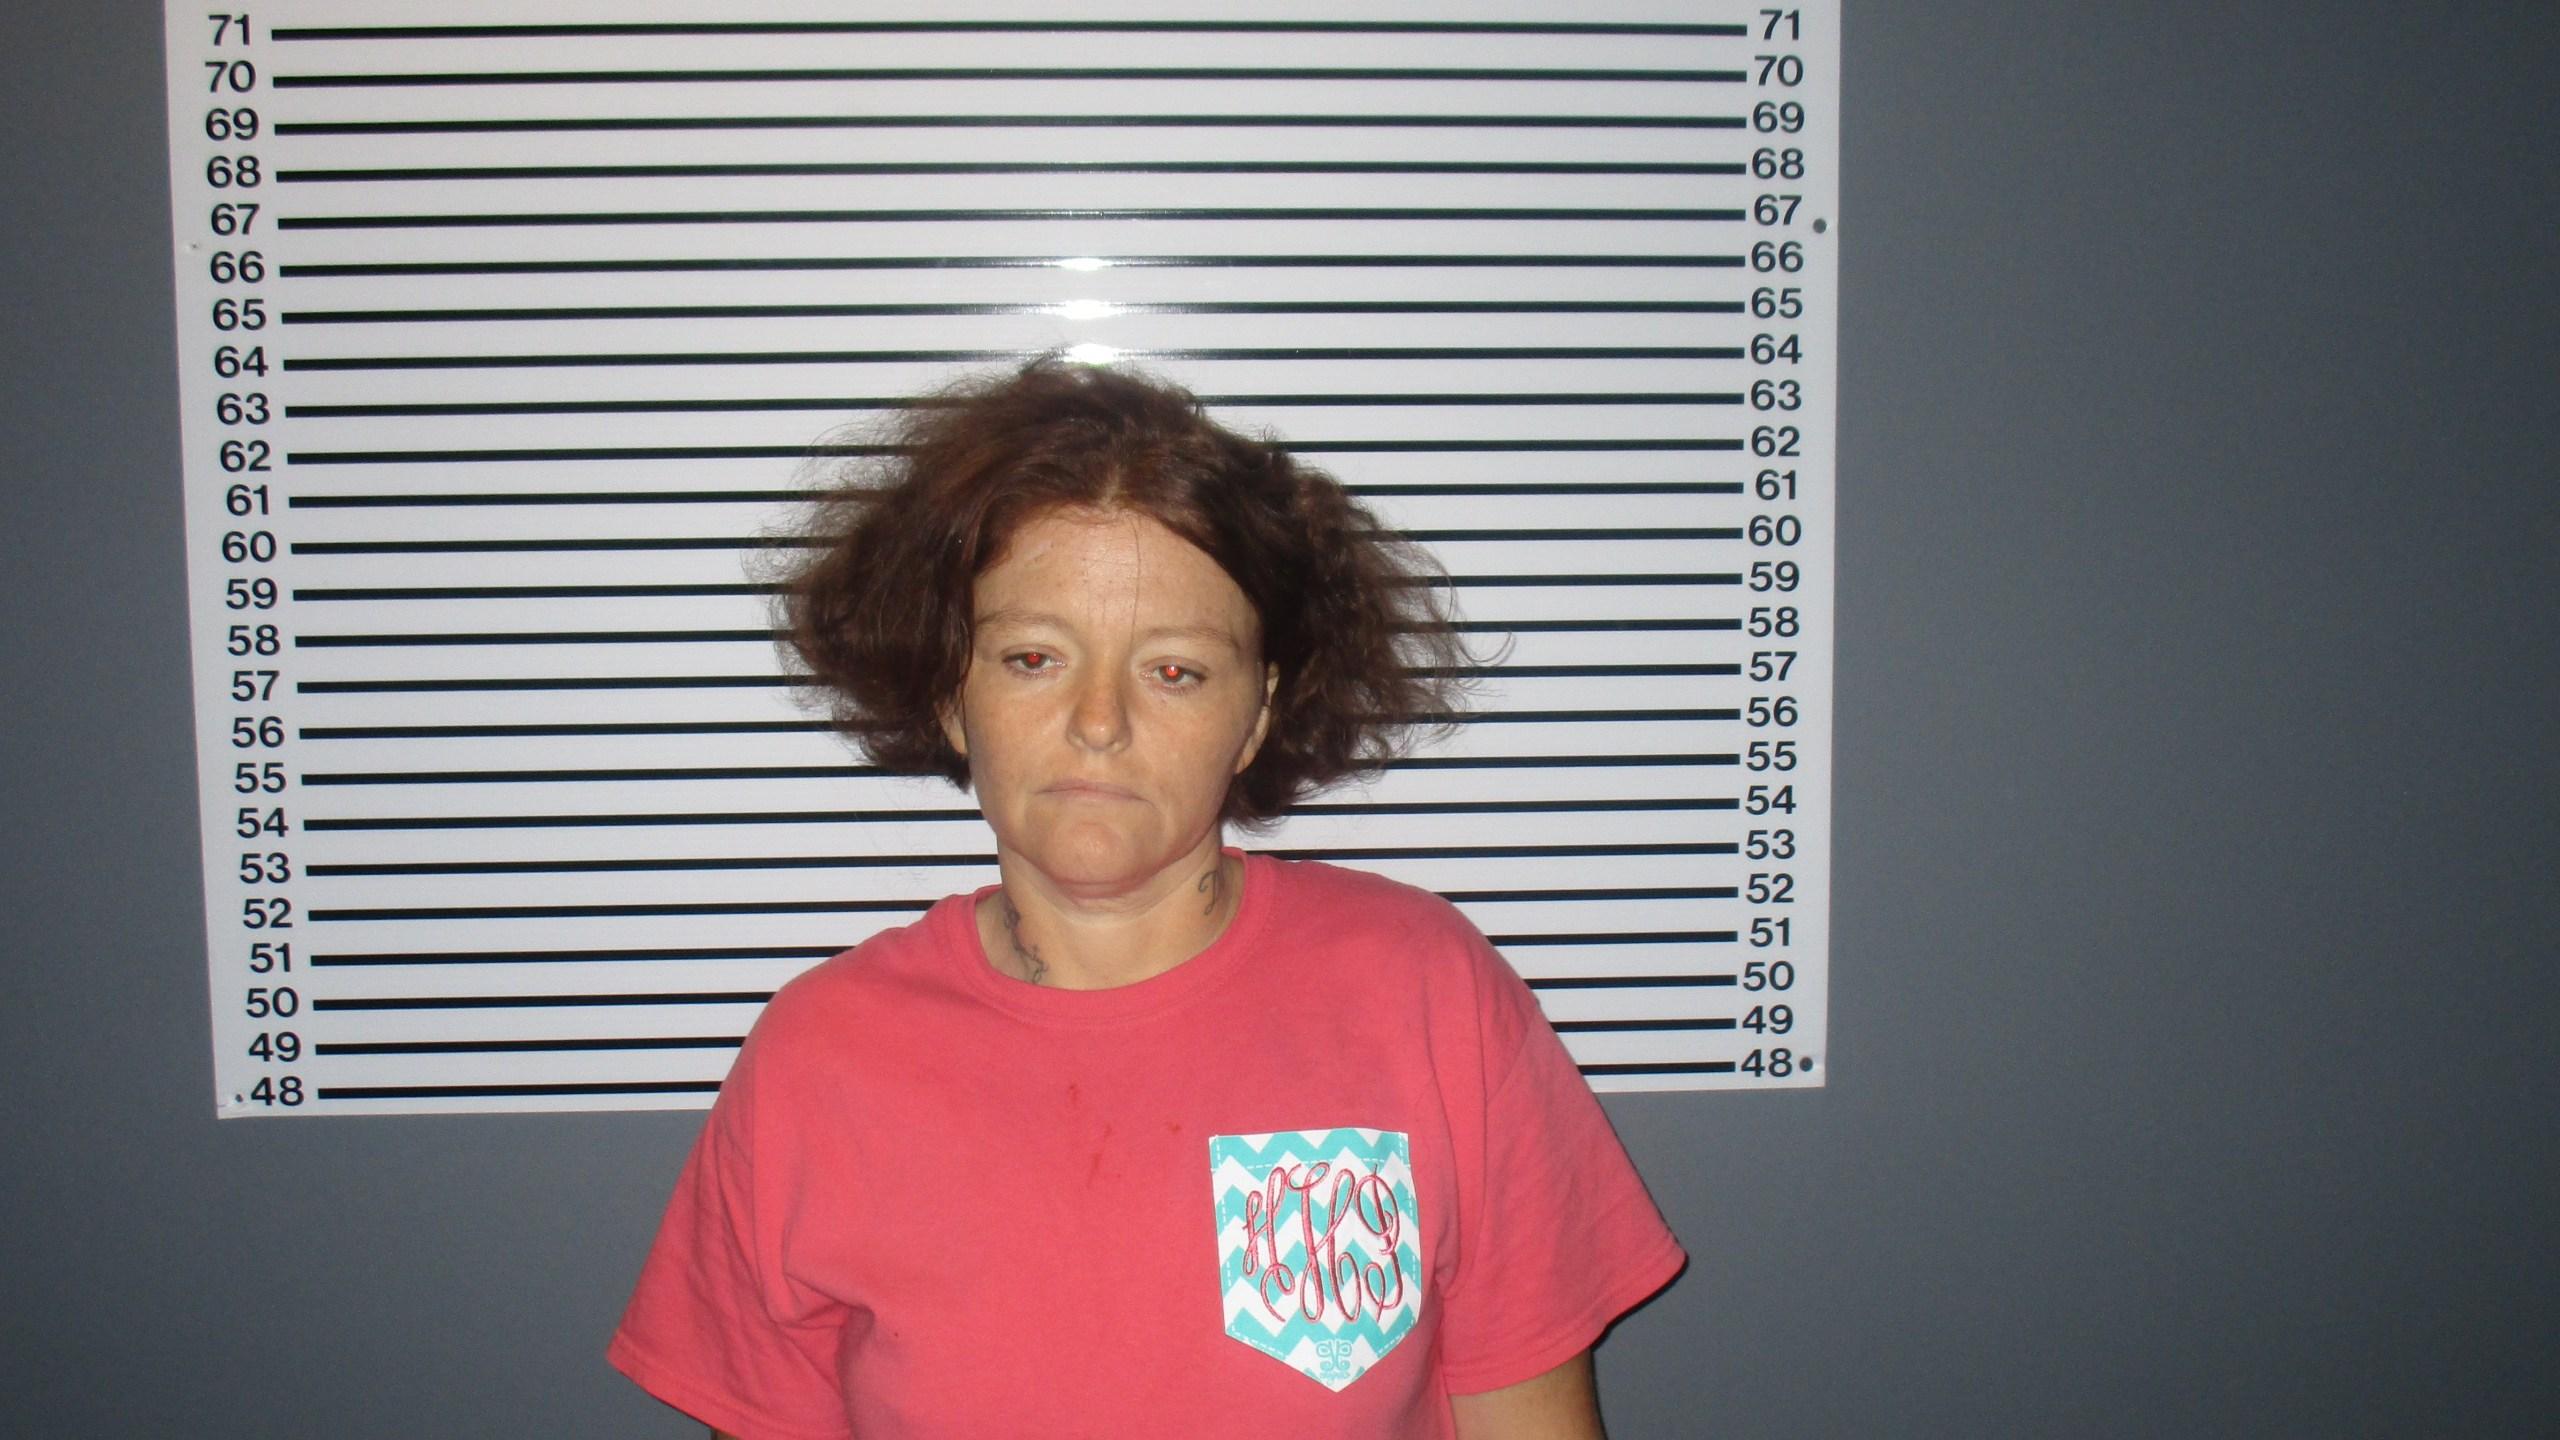 mother arrested_1469676226006-118809318-118809318.jpg